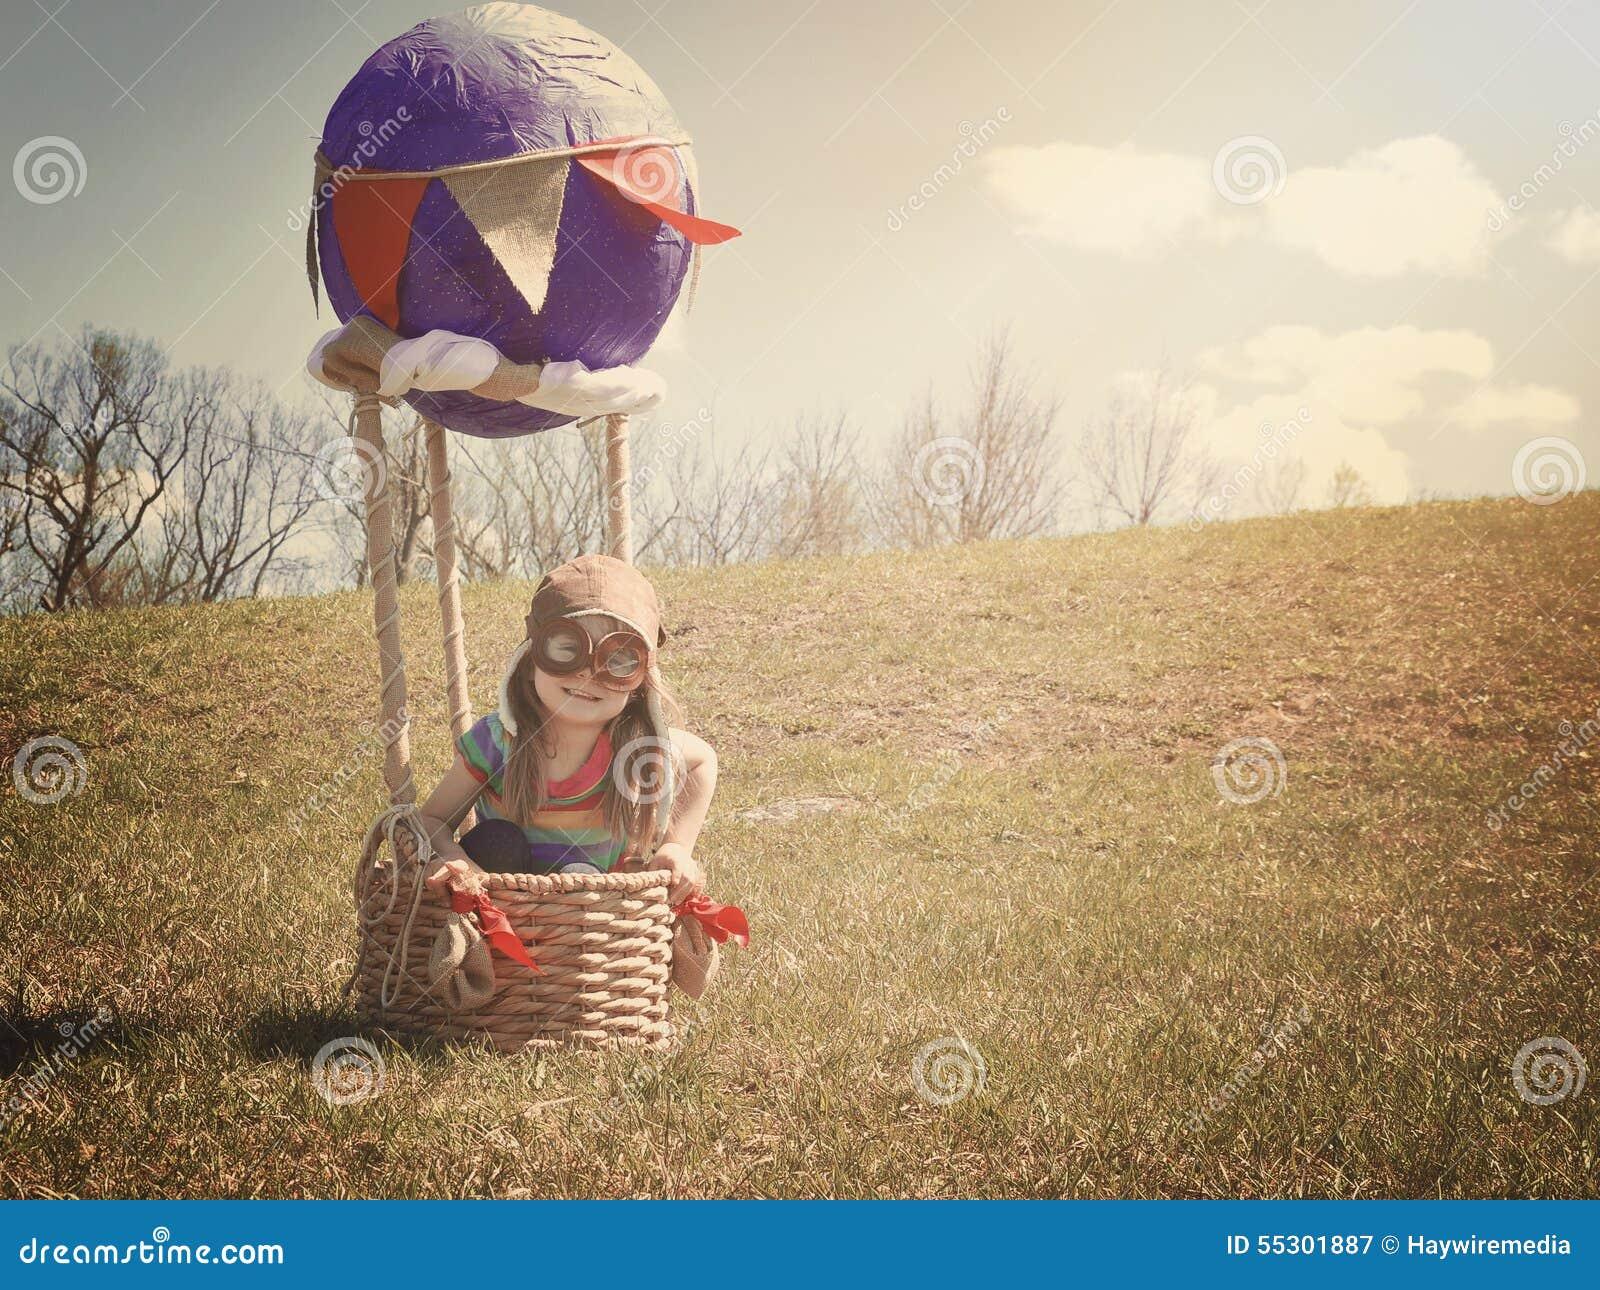 Воздушный шар и ребенок 66